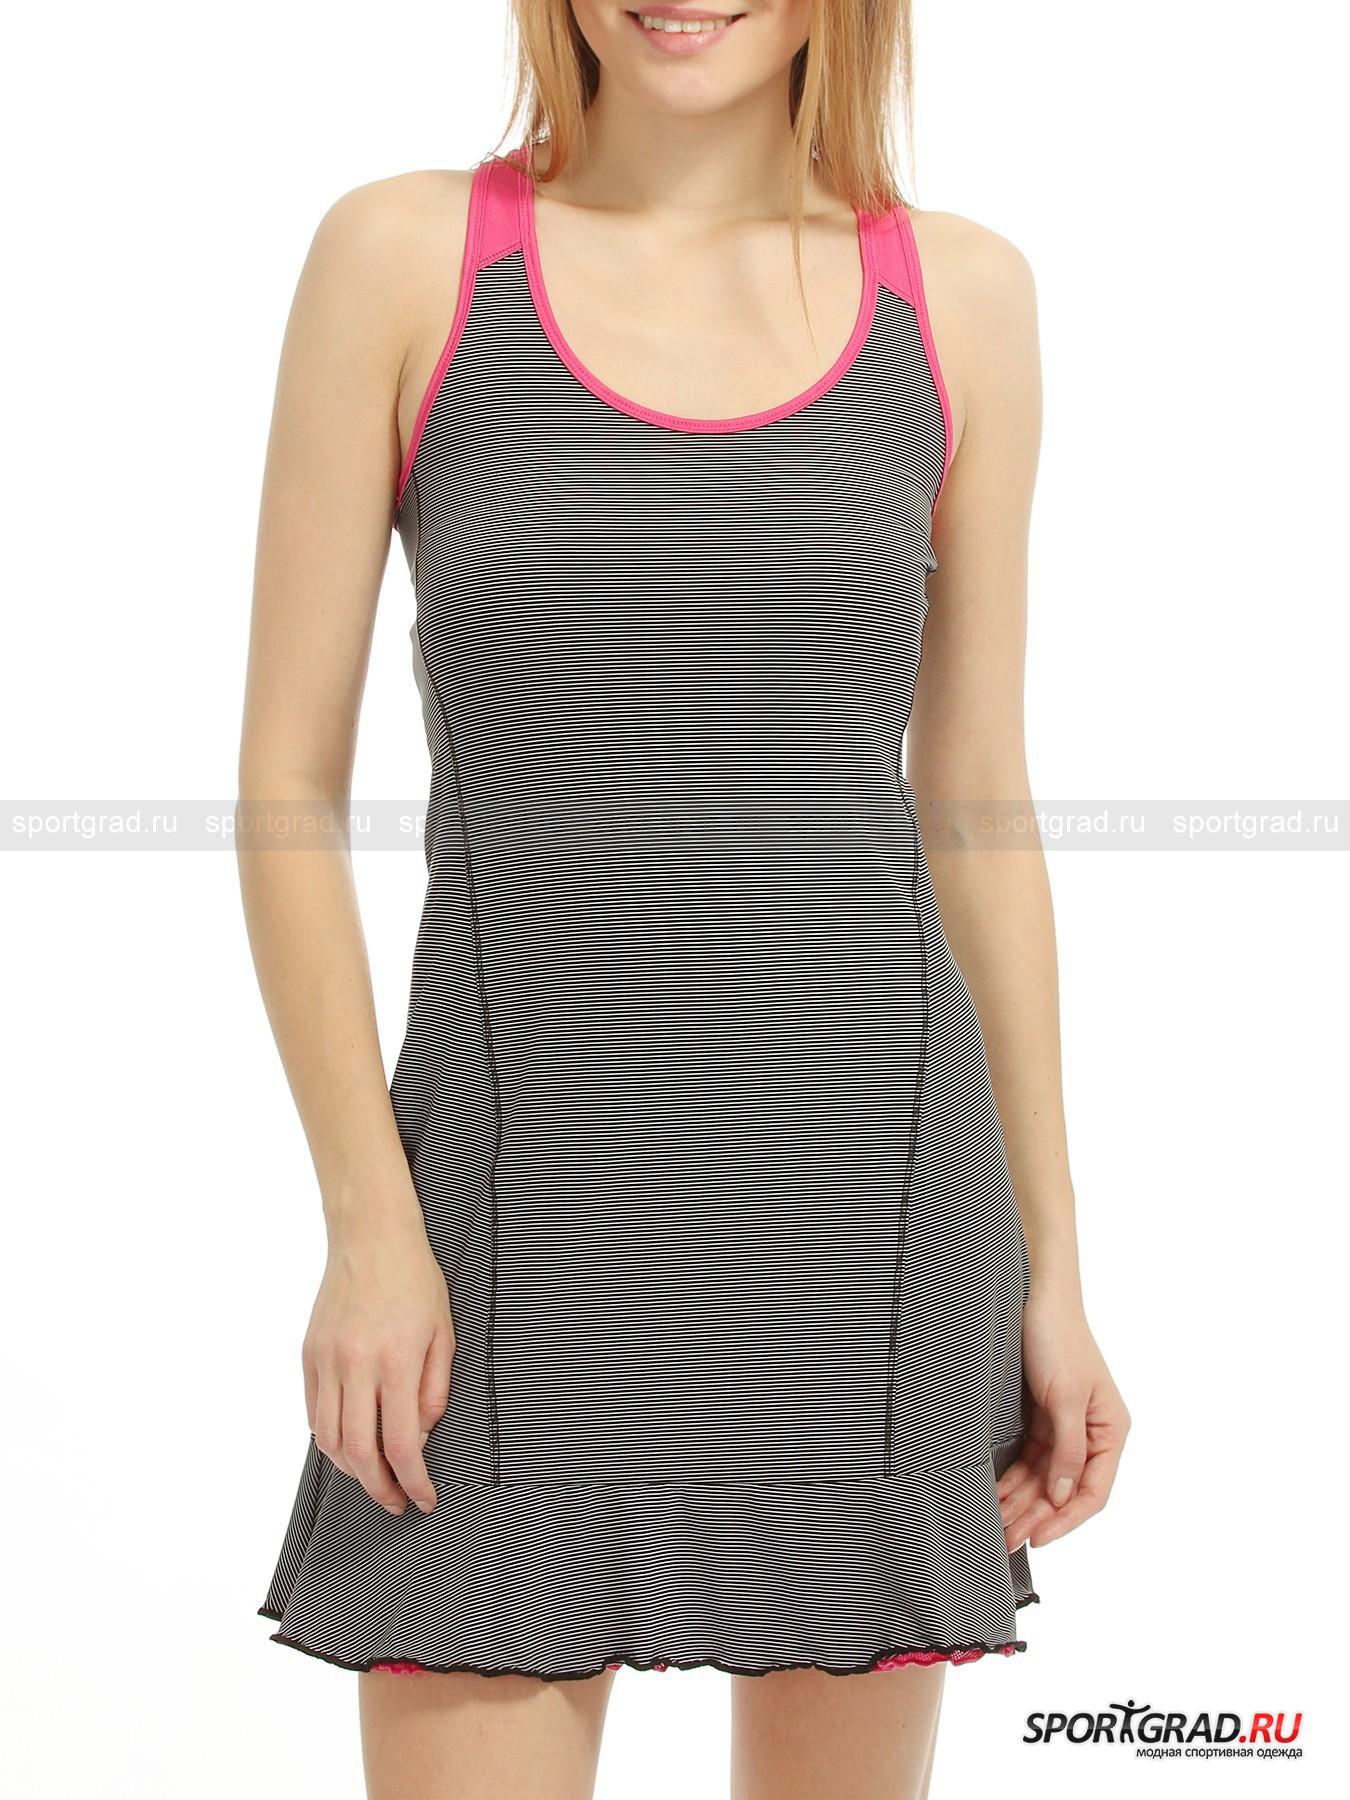 ������ ������� ��� ������� Devotion tennis dress CASALL